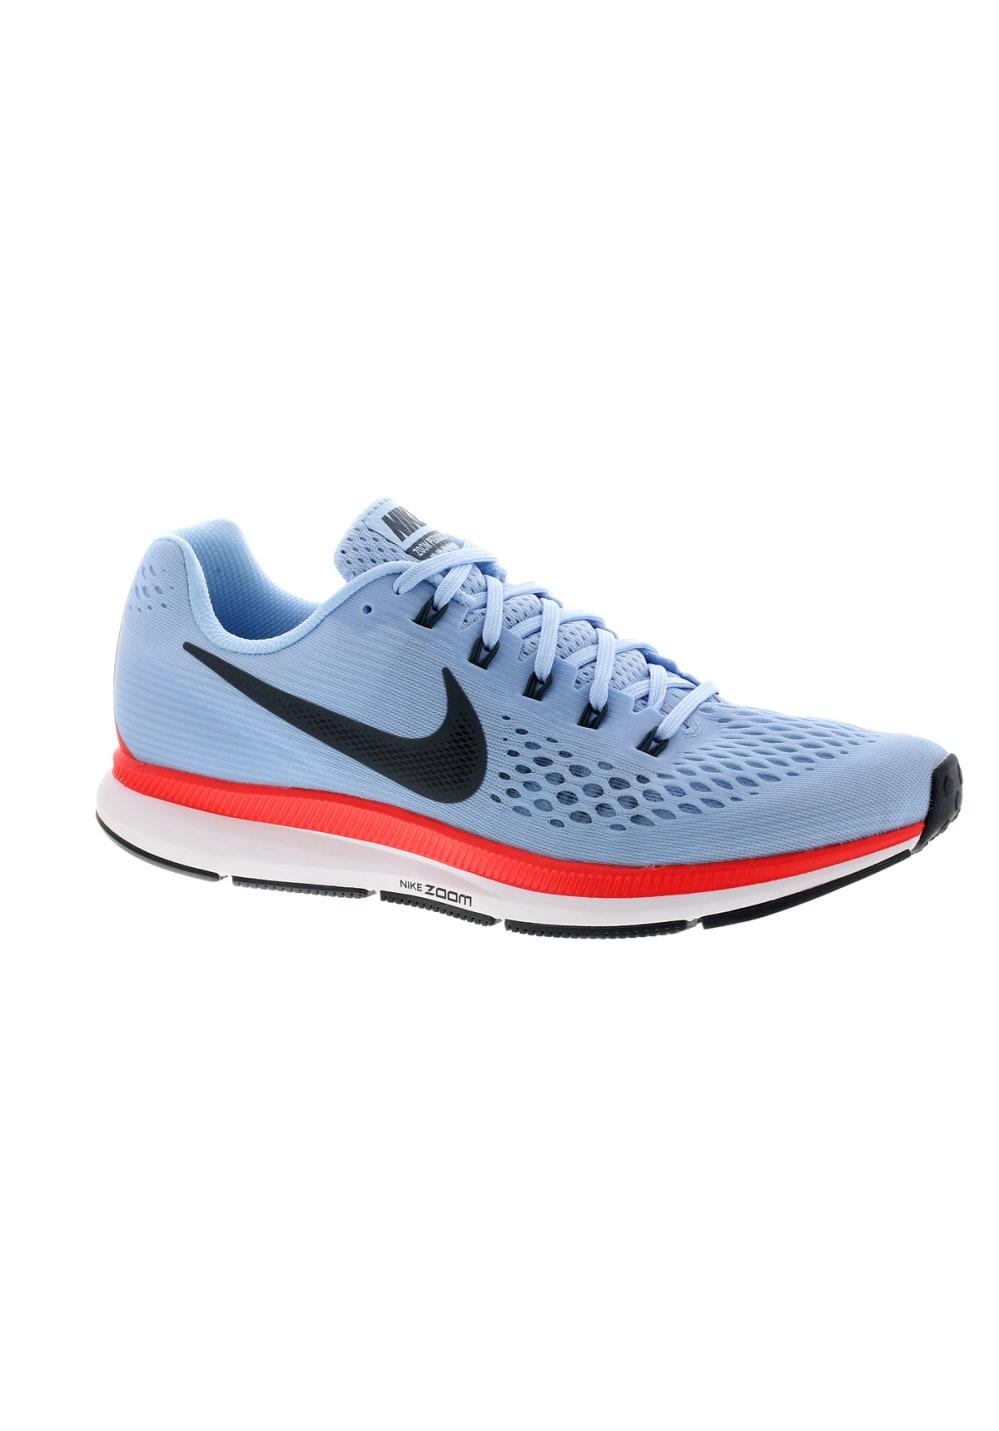 new products 0eed6 aea39 Next. -60%. Dieses Produkt ist derzeit ausverkauft. Nike. Air Zoom Pegasus  34 - Laufschuhe ...